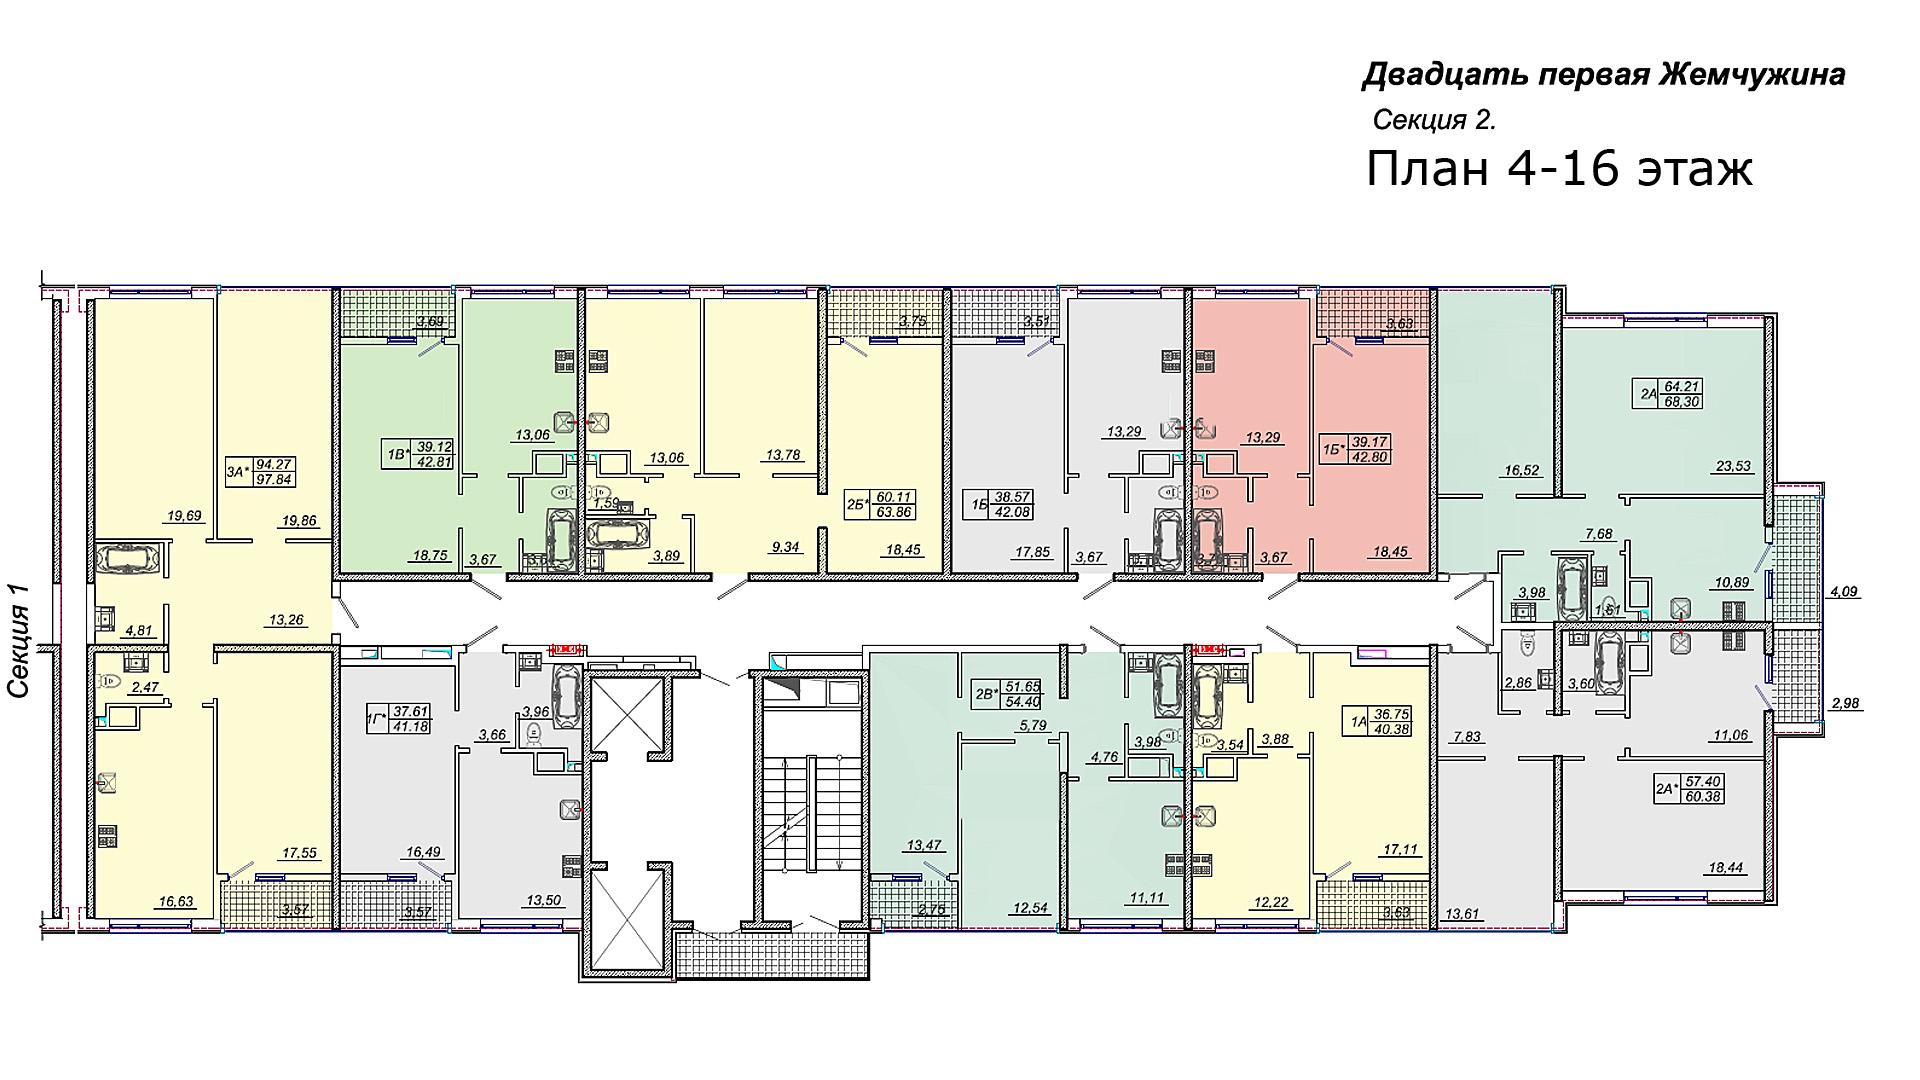 Кадорр, 21 Жемчужина, Планировка секция 2, этаж 4-16